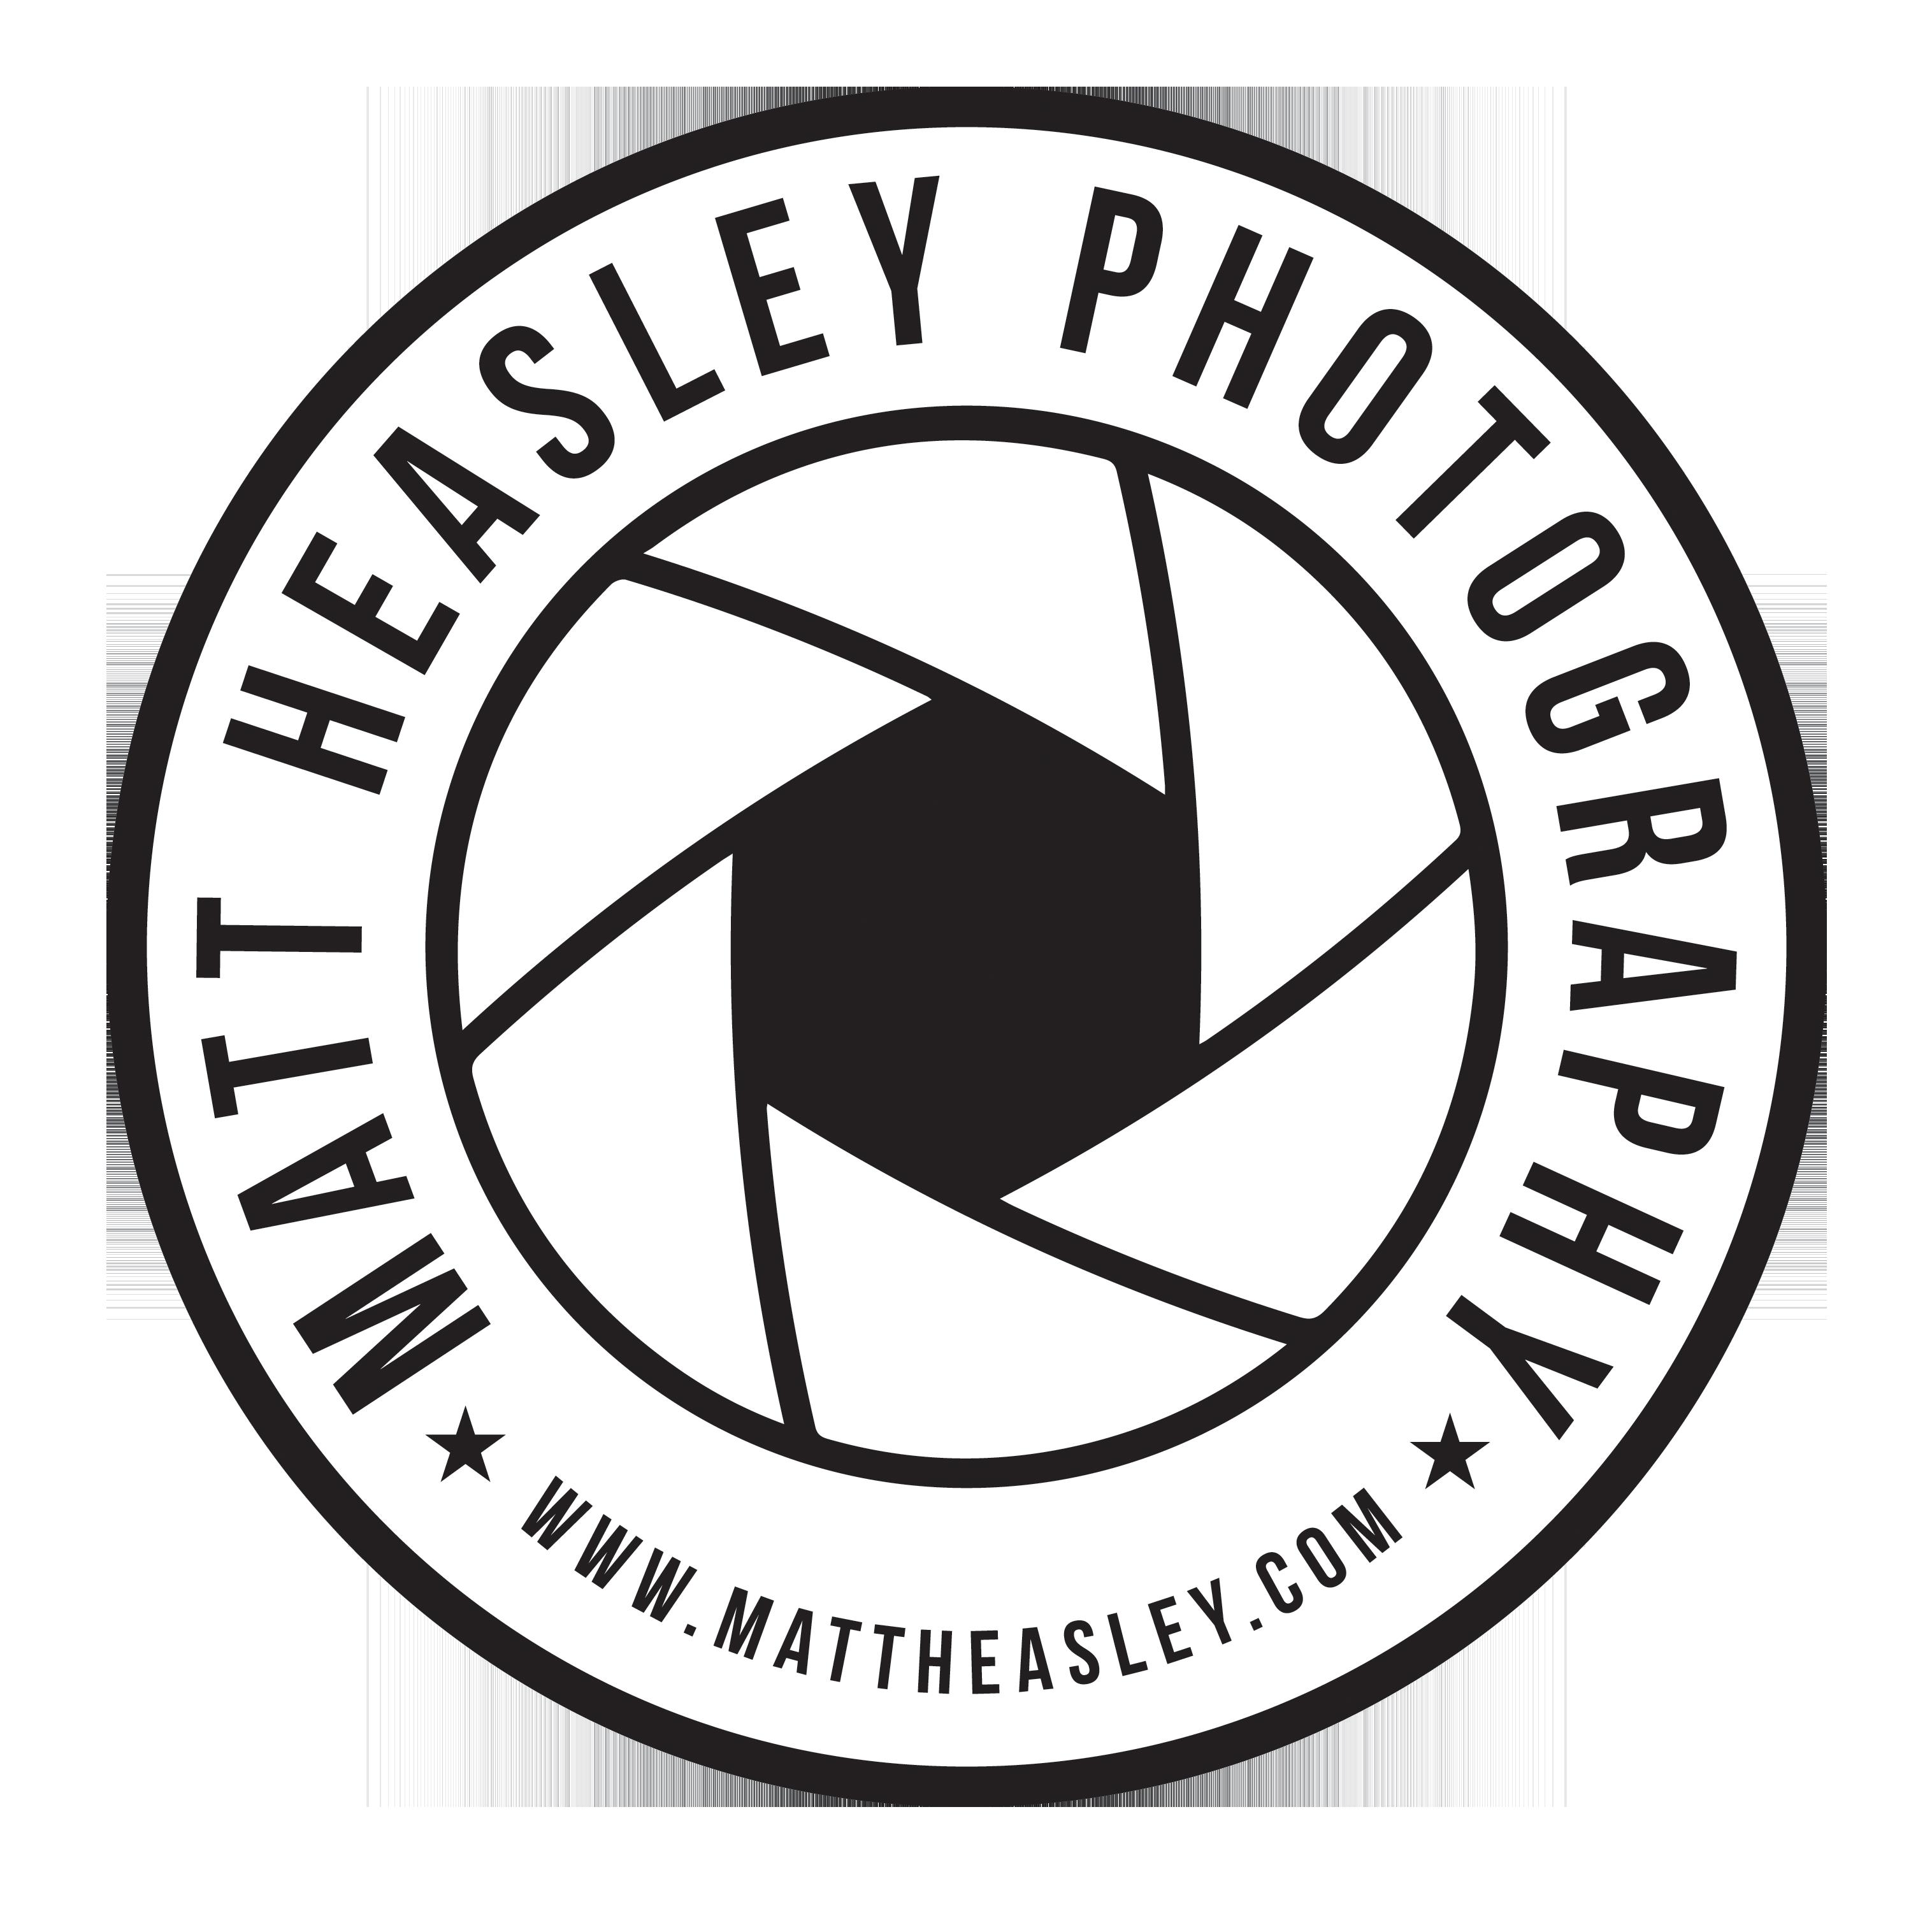 Matt Heasley